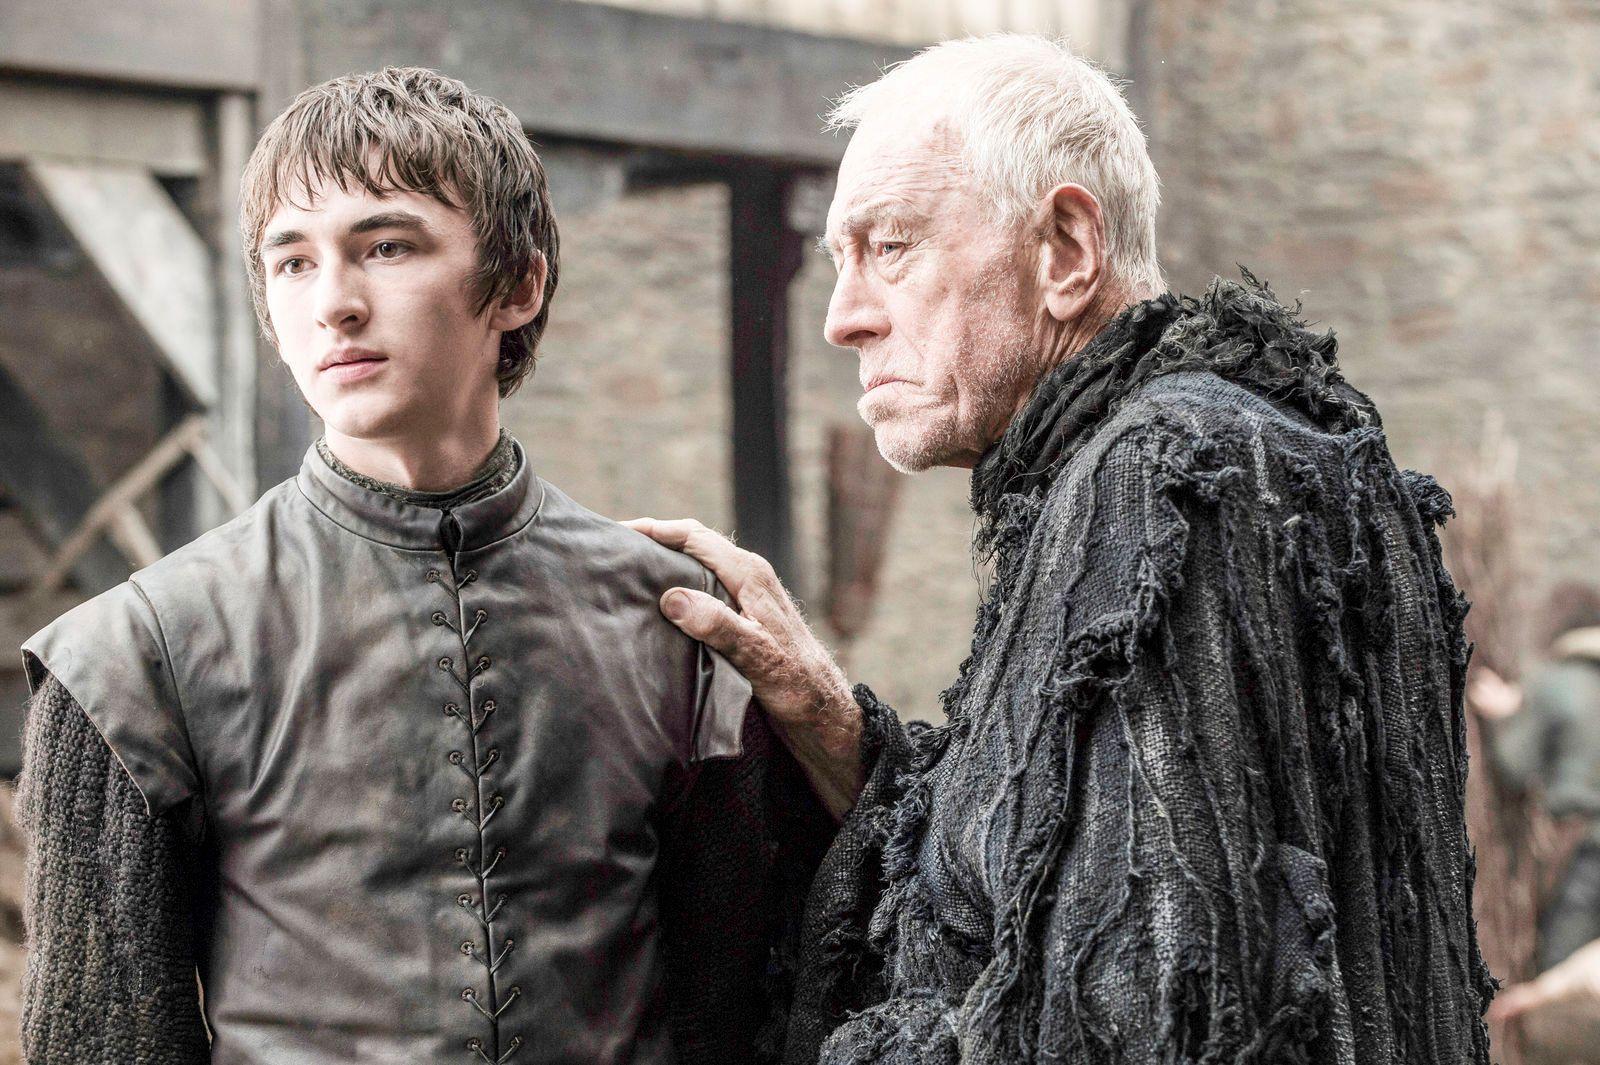 BLIR Å SE: Isaac Hempstead Wright som Bran Stark og Max von Sydow som Three-Eyed i en drømmesekvens.